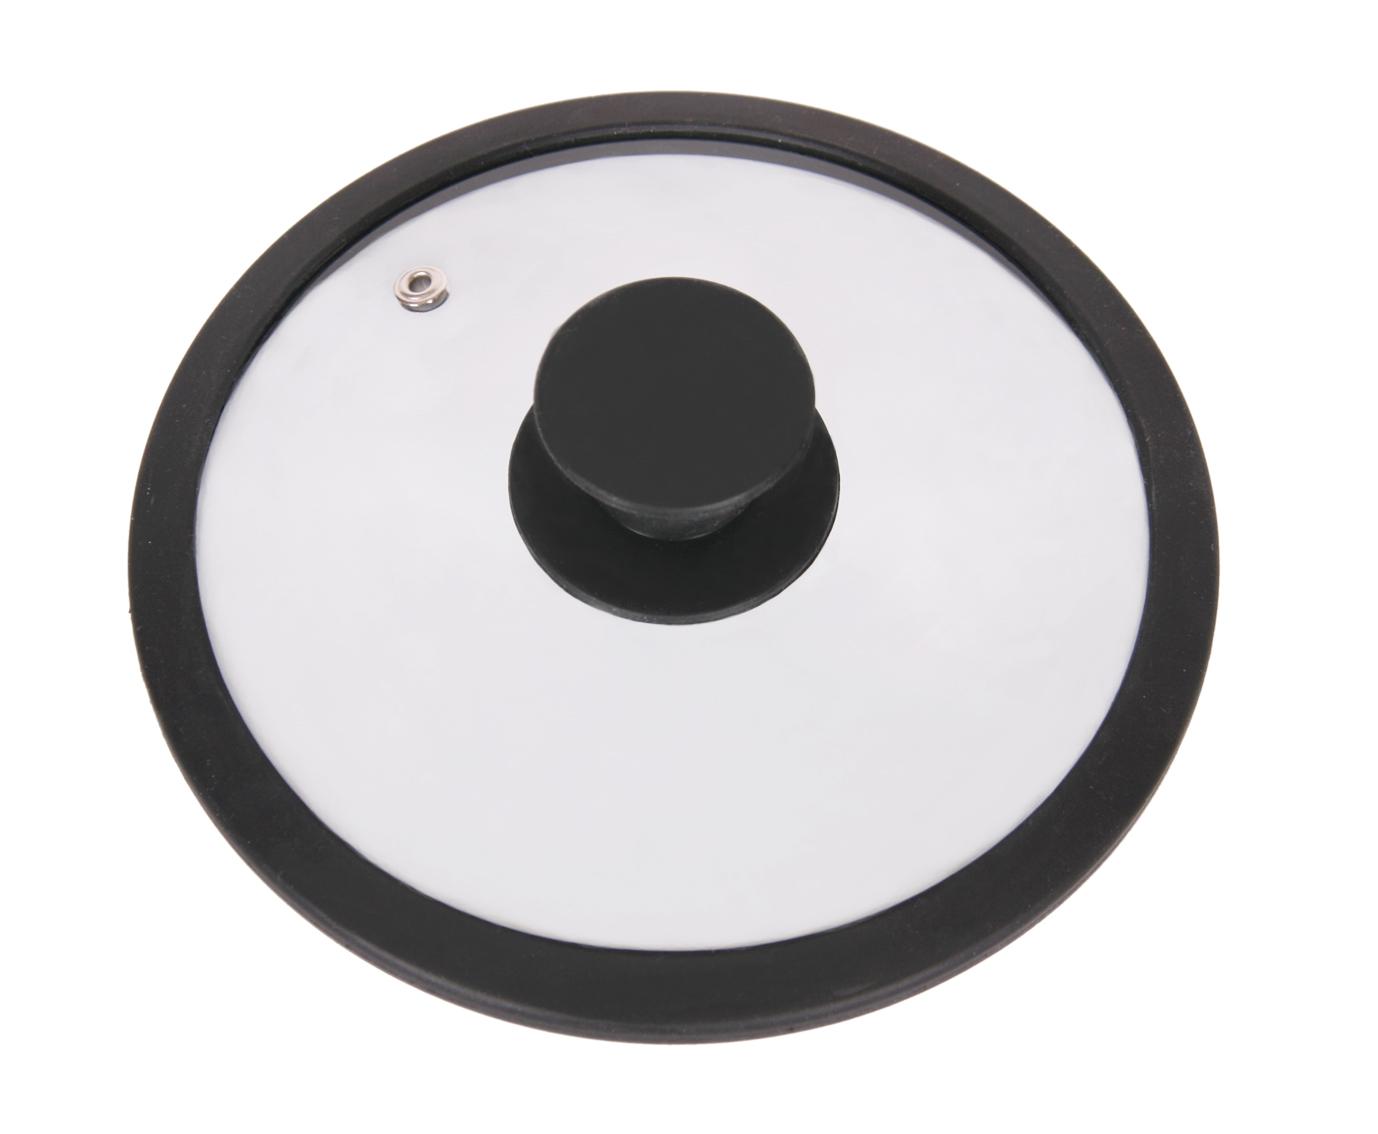 Крышка стеклянная Winner, цвет: черный. Диаметр 16 см68/5/4Крышка Winner изготовлена из термостойкого стекла с ободом из силикона. Крышка оснащена отверстием для выпуска пара. Ручка, выполненная из термостойкого бакелита с силиконовым покрытием, защищает ваши руки от высоких температур. Крышка удобна в использовании и позволяет контролировать процесс приготовления пищи. Характеристики:Материал:стекло, силикон, бакелит. Диаметр: 16 см. Изготовитель: Германия. Производитель: Китай. Размер упаковки: 16,6 см х 16,6 см х 4 см. Артикул: WR-8300.